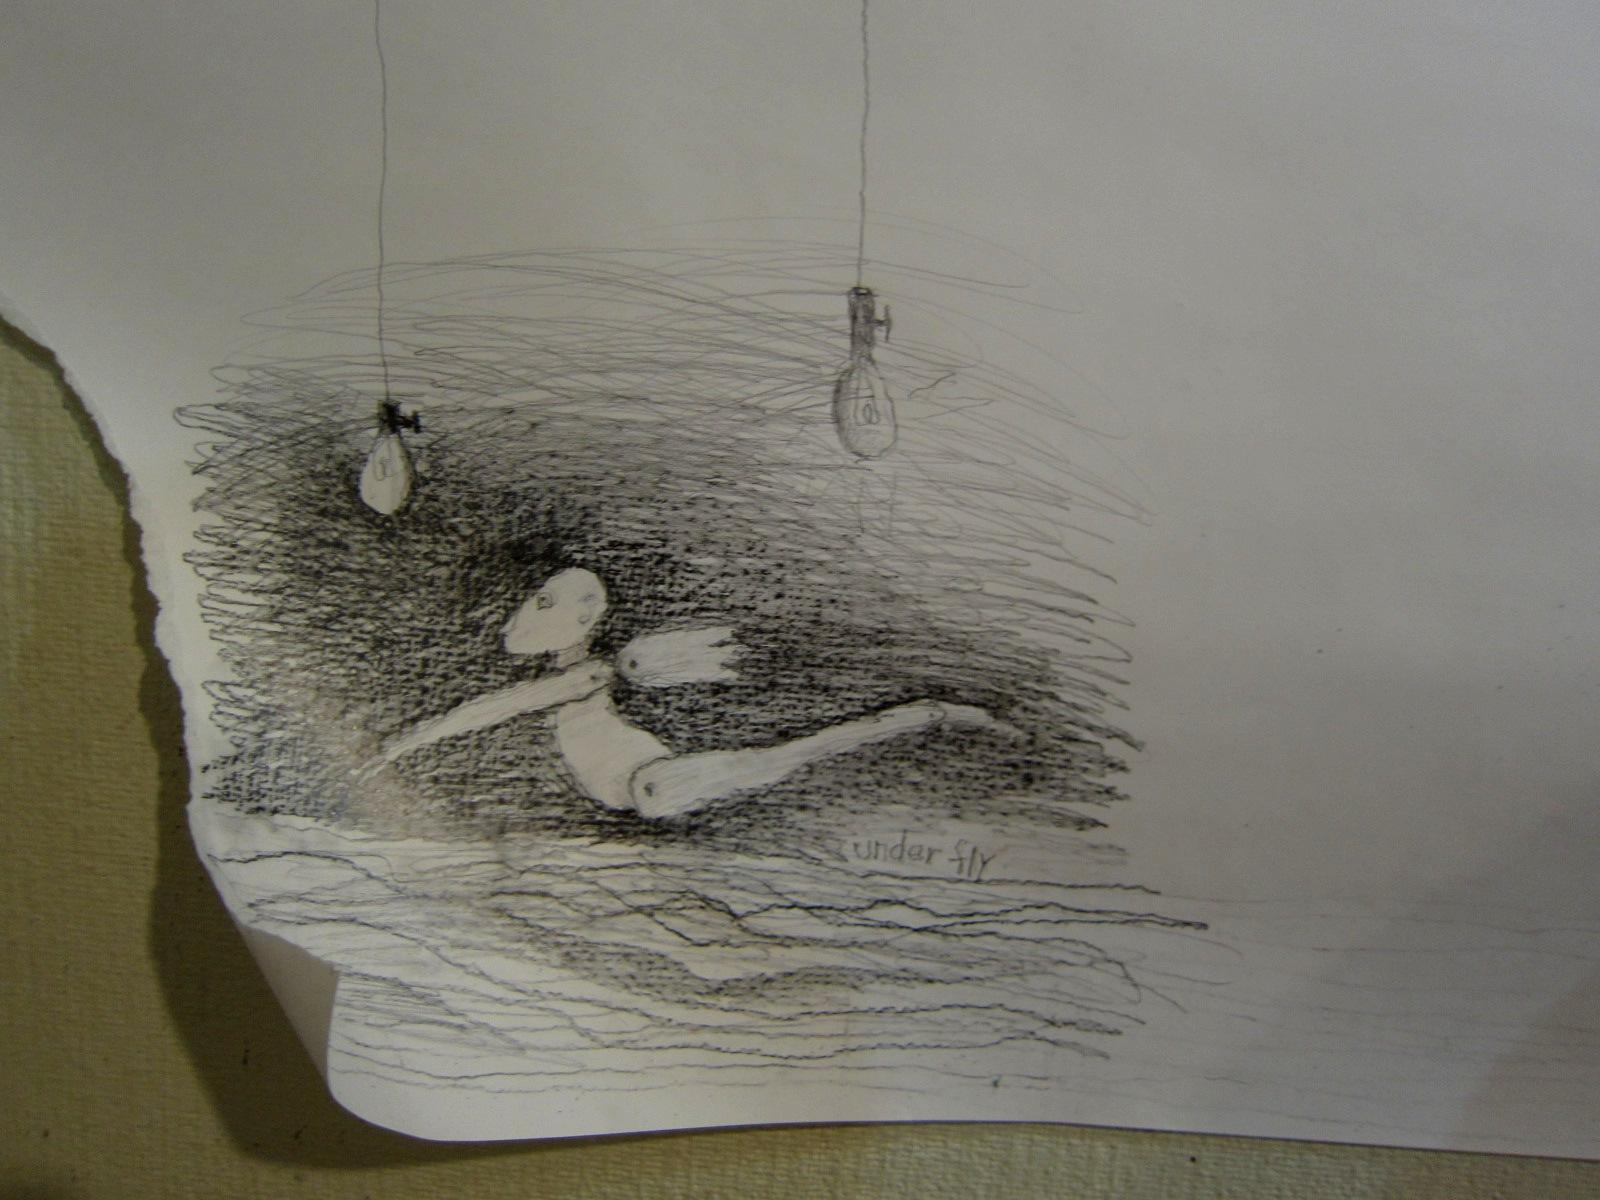 2196) 「ドローイング展 ~参加料無料!! 自由に描いて下さい!!」 たぴお 9月9日(月)~9月14日(土)_f0126829_2340786.jpg